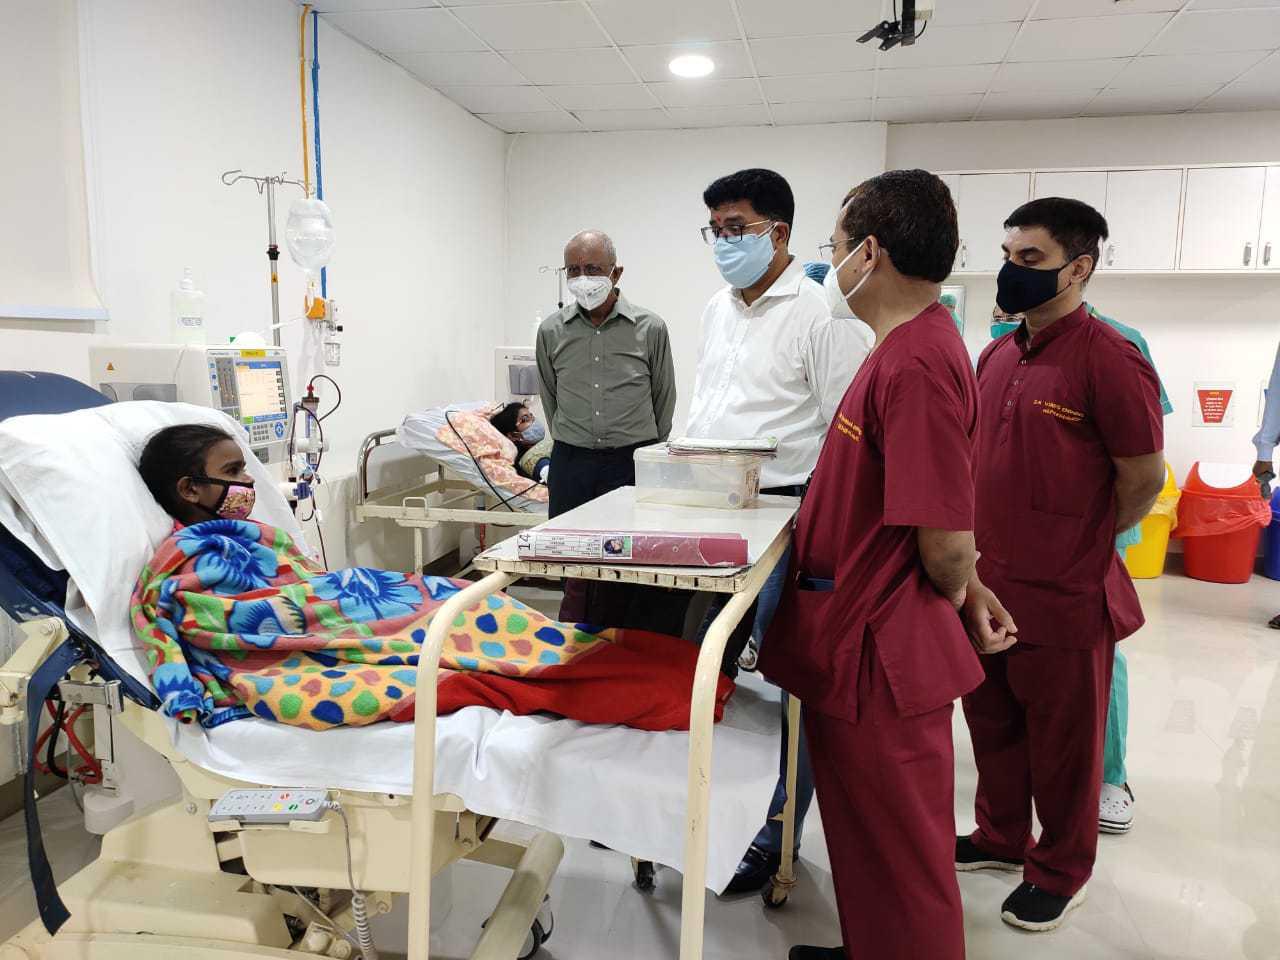 हिमालयन हॉस्पिटल में उत्तराखंड का सबसे बड़ा डायलिसिस सेंटर हुआ स्थापित, डायलिसिस मशीन 30 से बढ़ाकर की गई 40 3